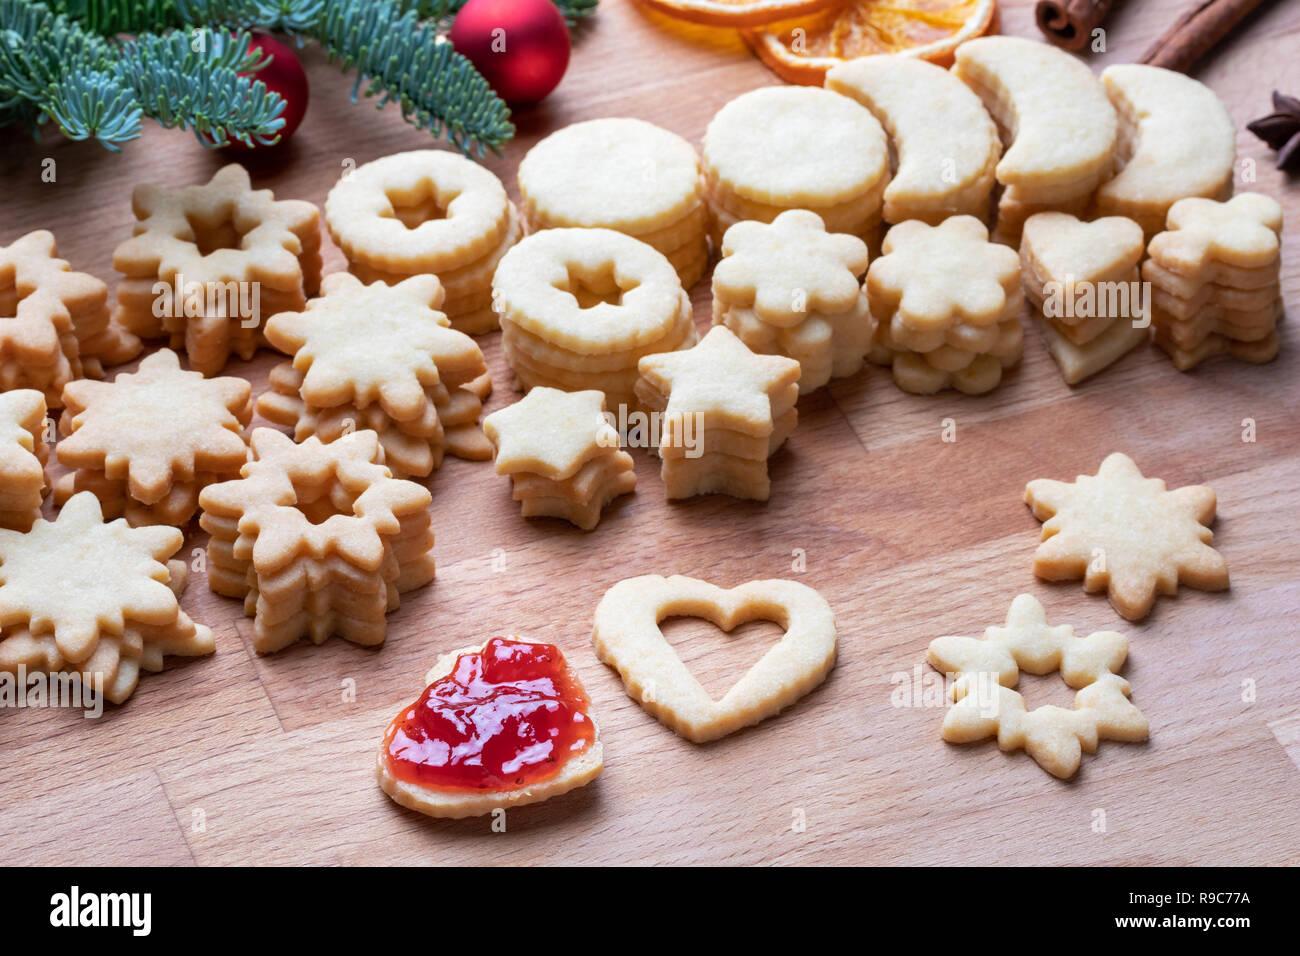 Linzer Weihnachtsplätzchen.Füllen Linzer Weihnachtsplätzchen Mit Erdbeer Marmelade Stockfoto